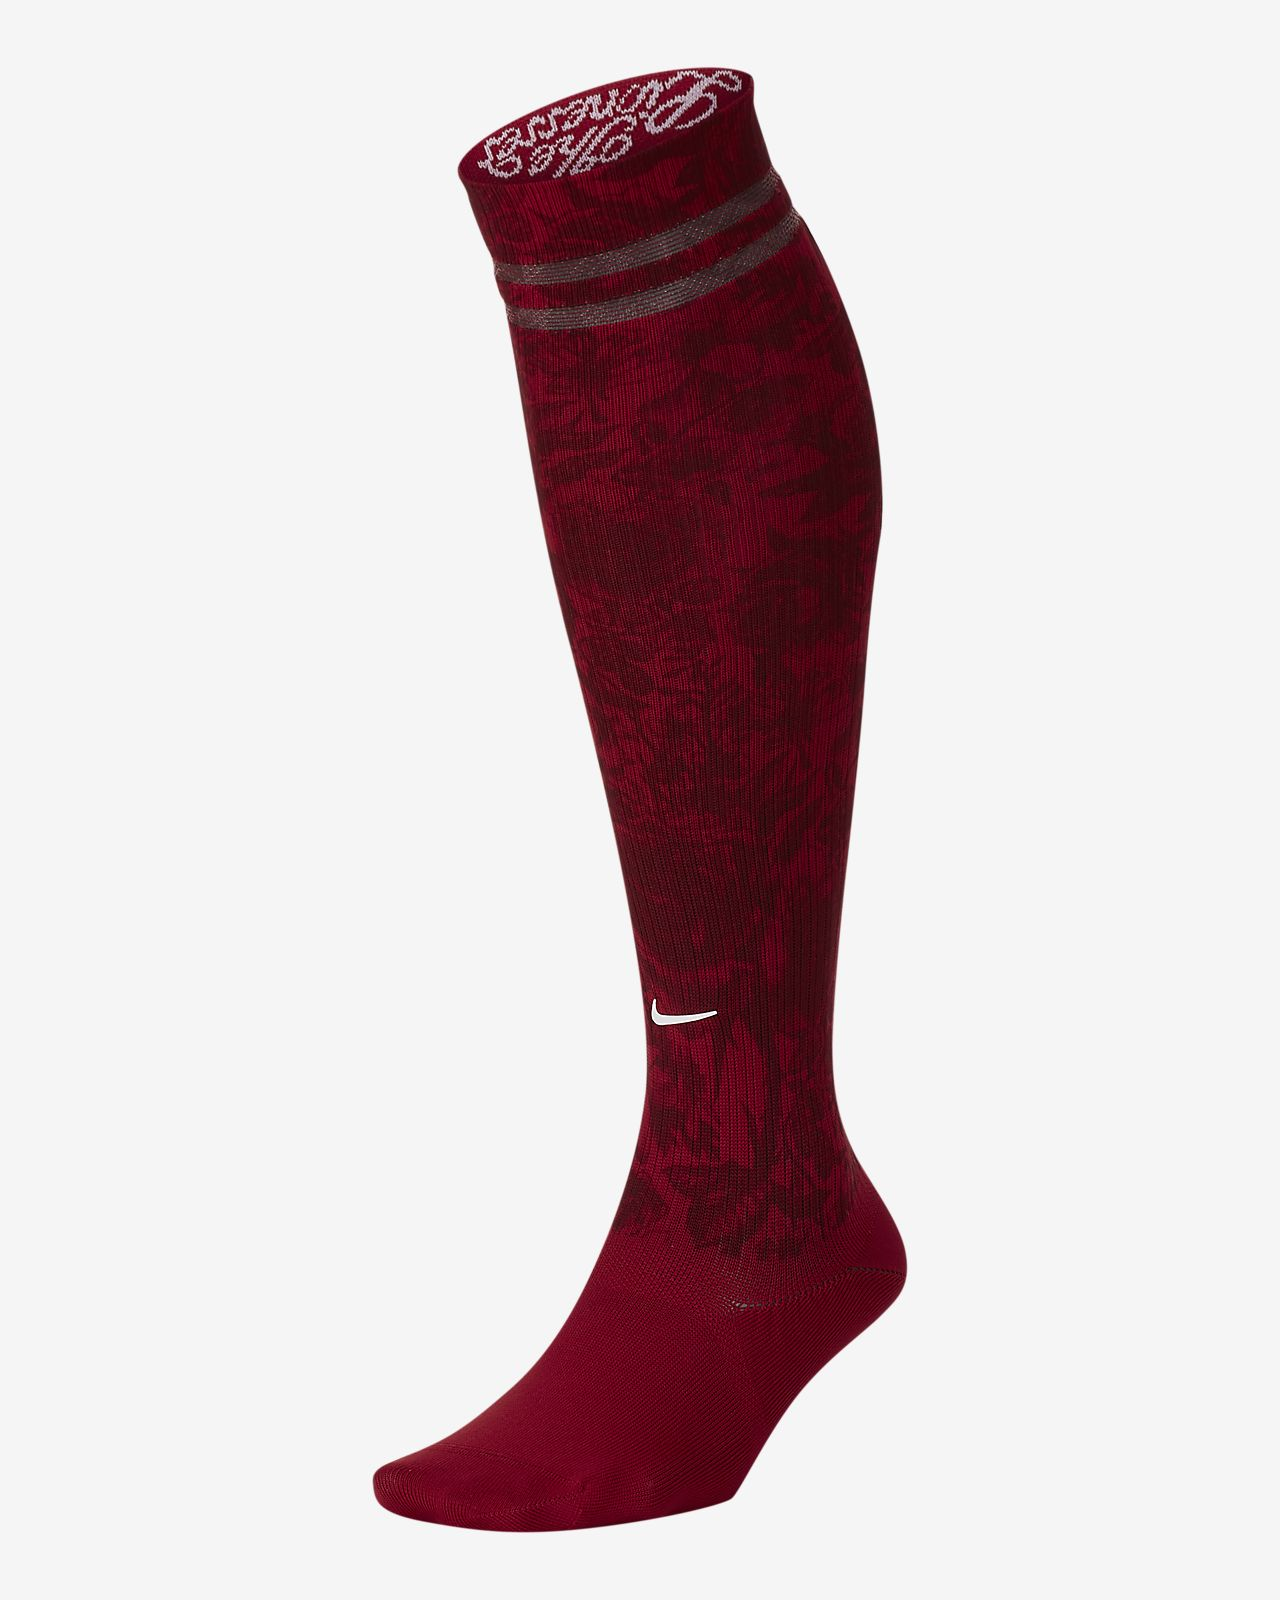 Γυναικείες ποδοσφαιρικές κάλτσες μέχρι το γόνατο England 2019 Squad